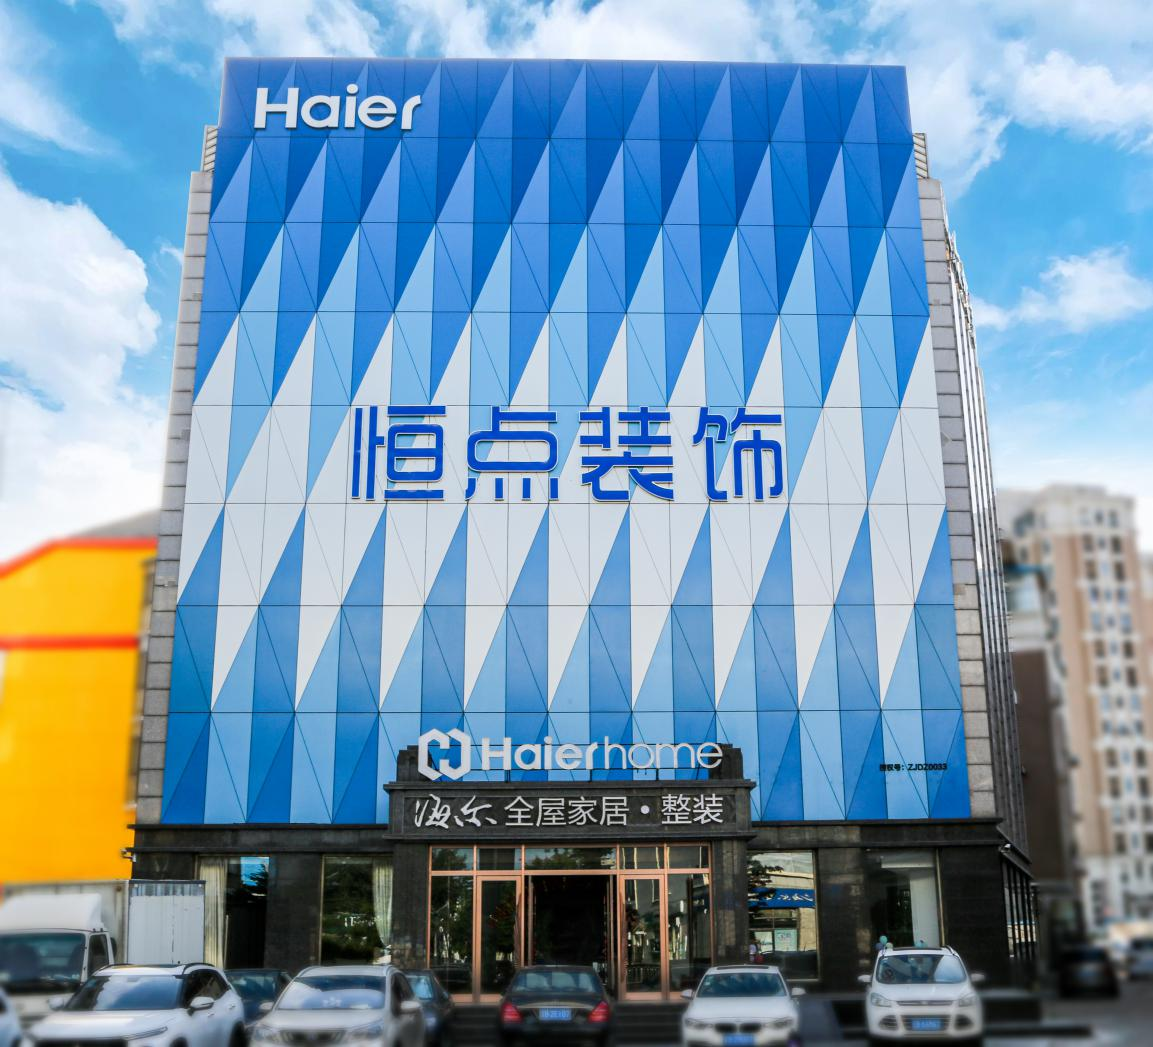 海尔整装大连家装市场补贴一个亿,恒点装饰背靠海尔,大有来头!